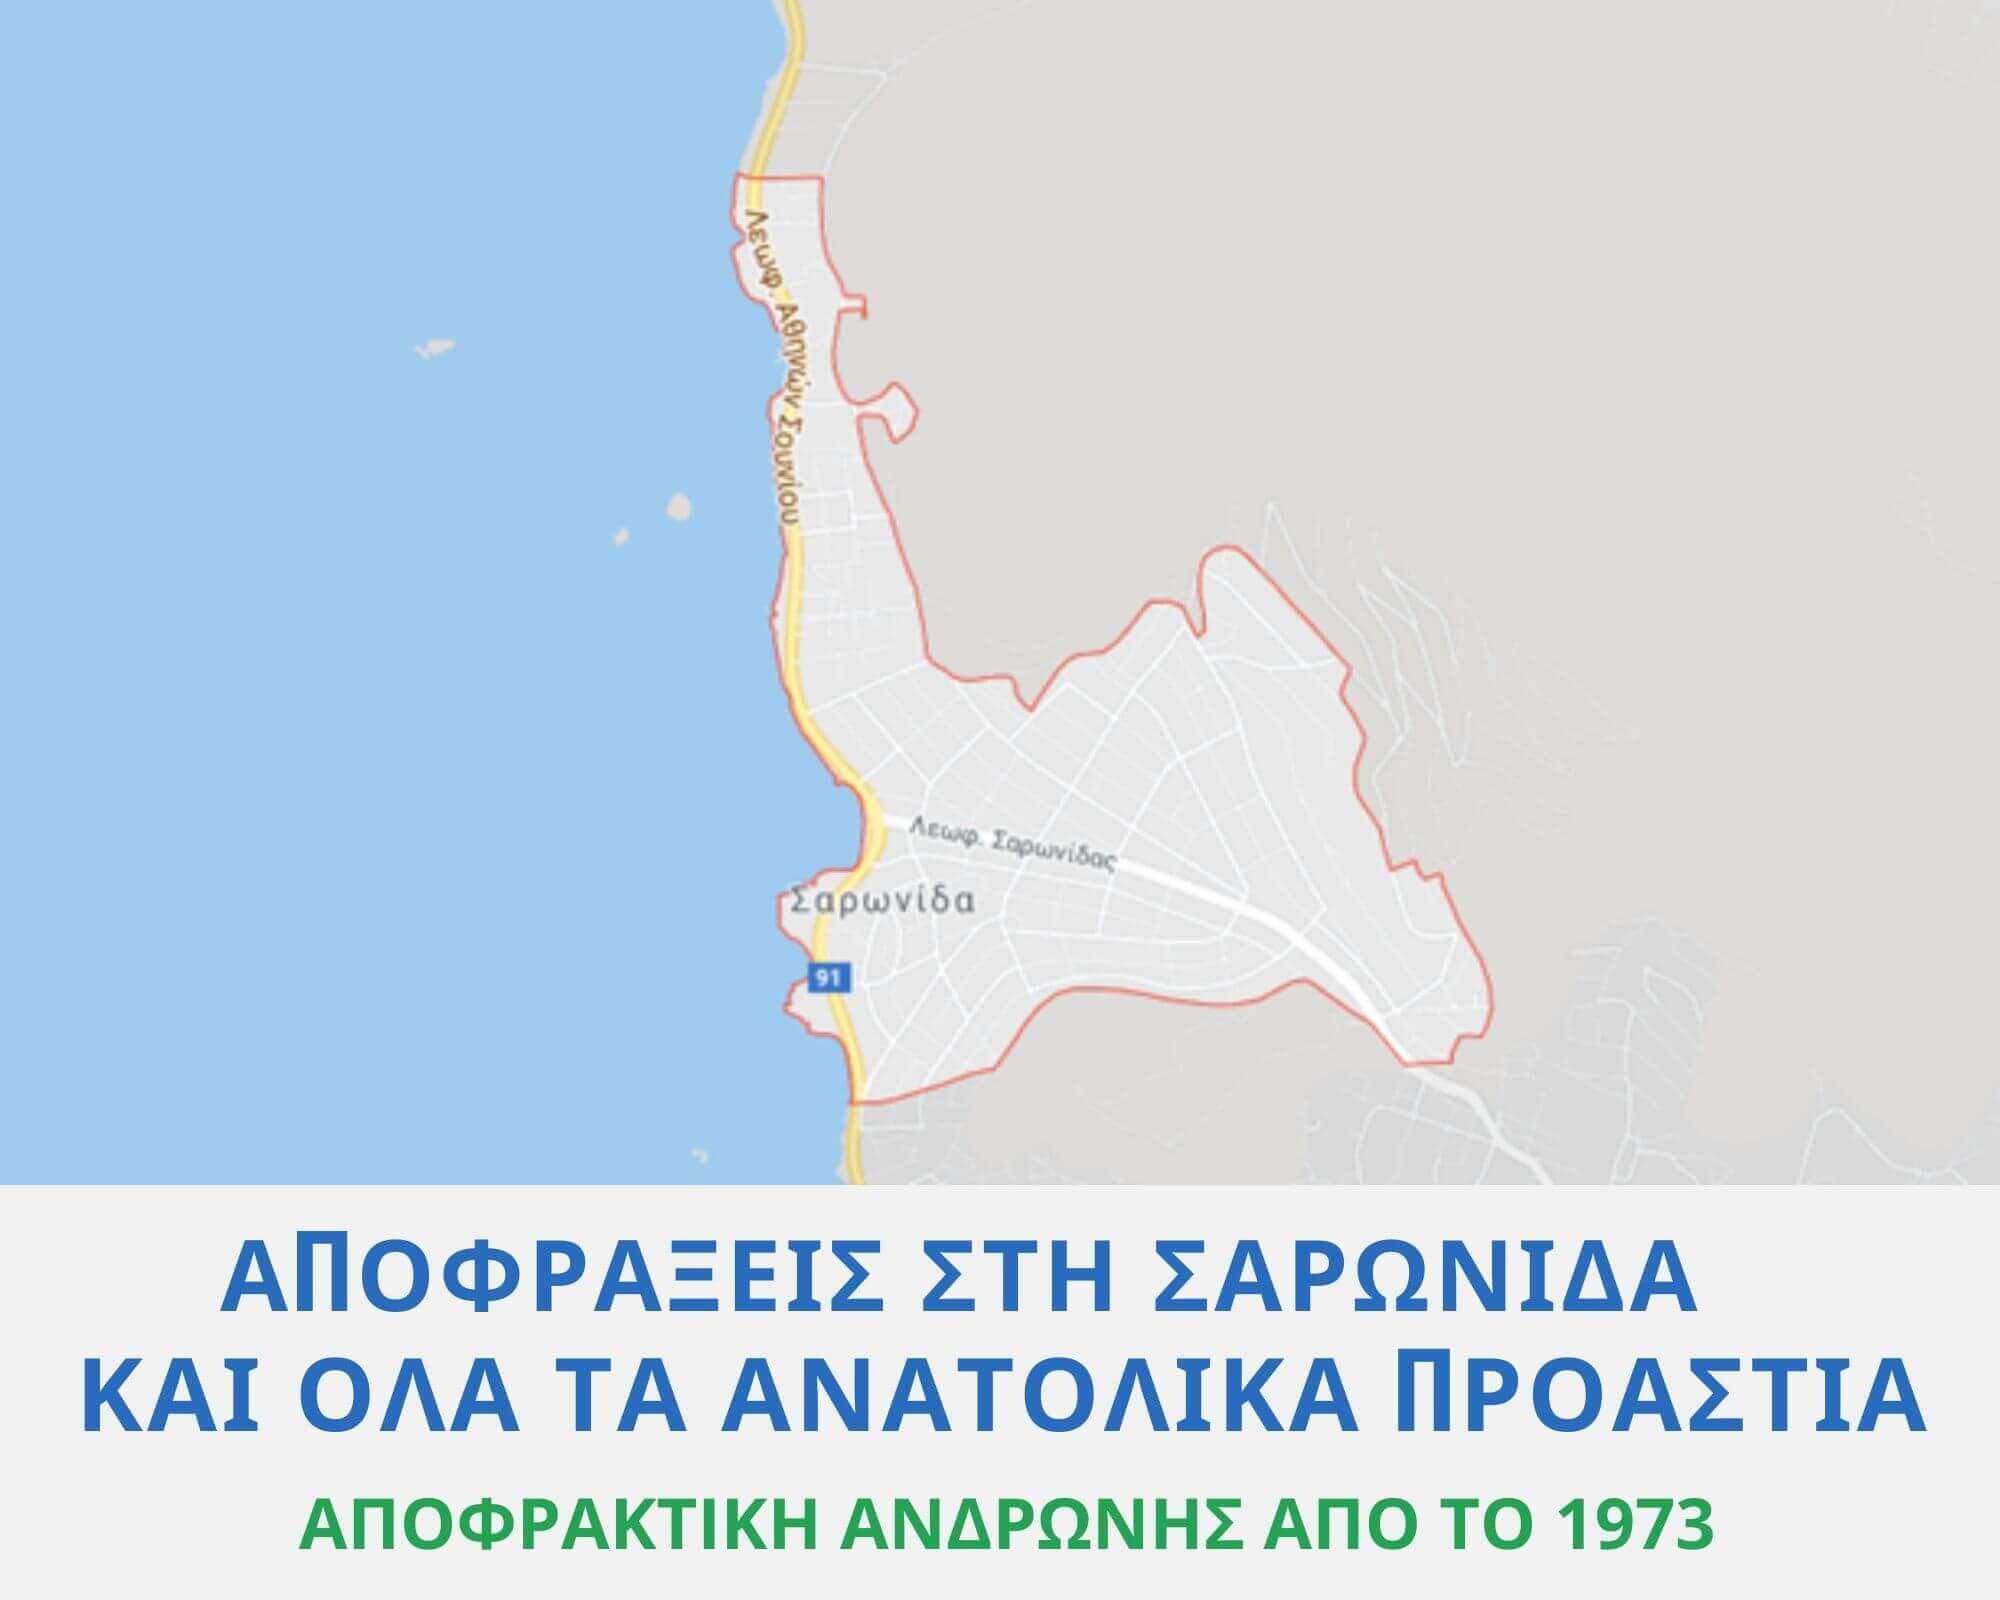 Αποφράξεις Σαρωνίδα - 213.02.50.818 - Αποφράξεις Αθήνα